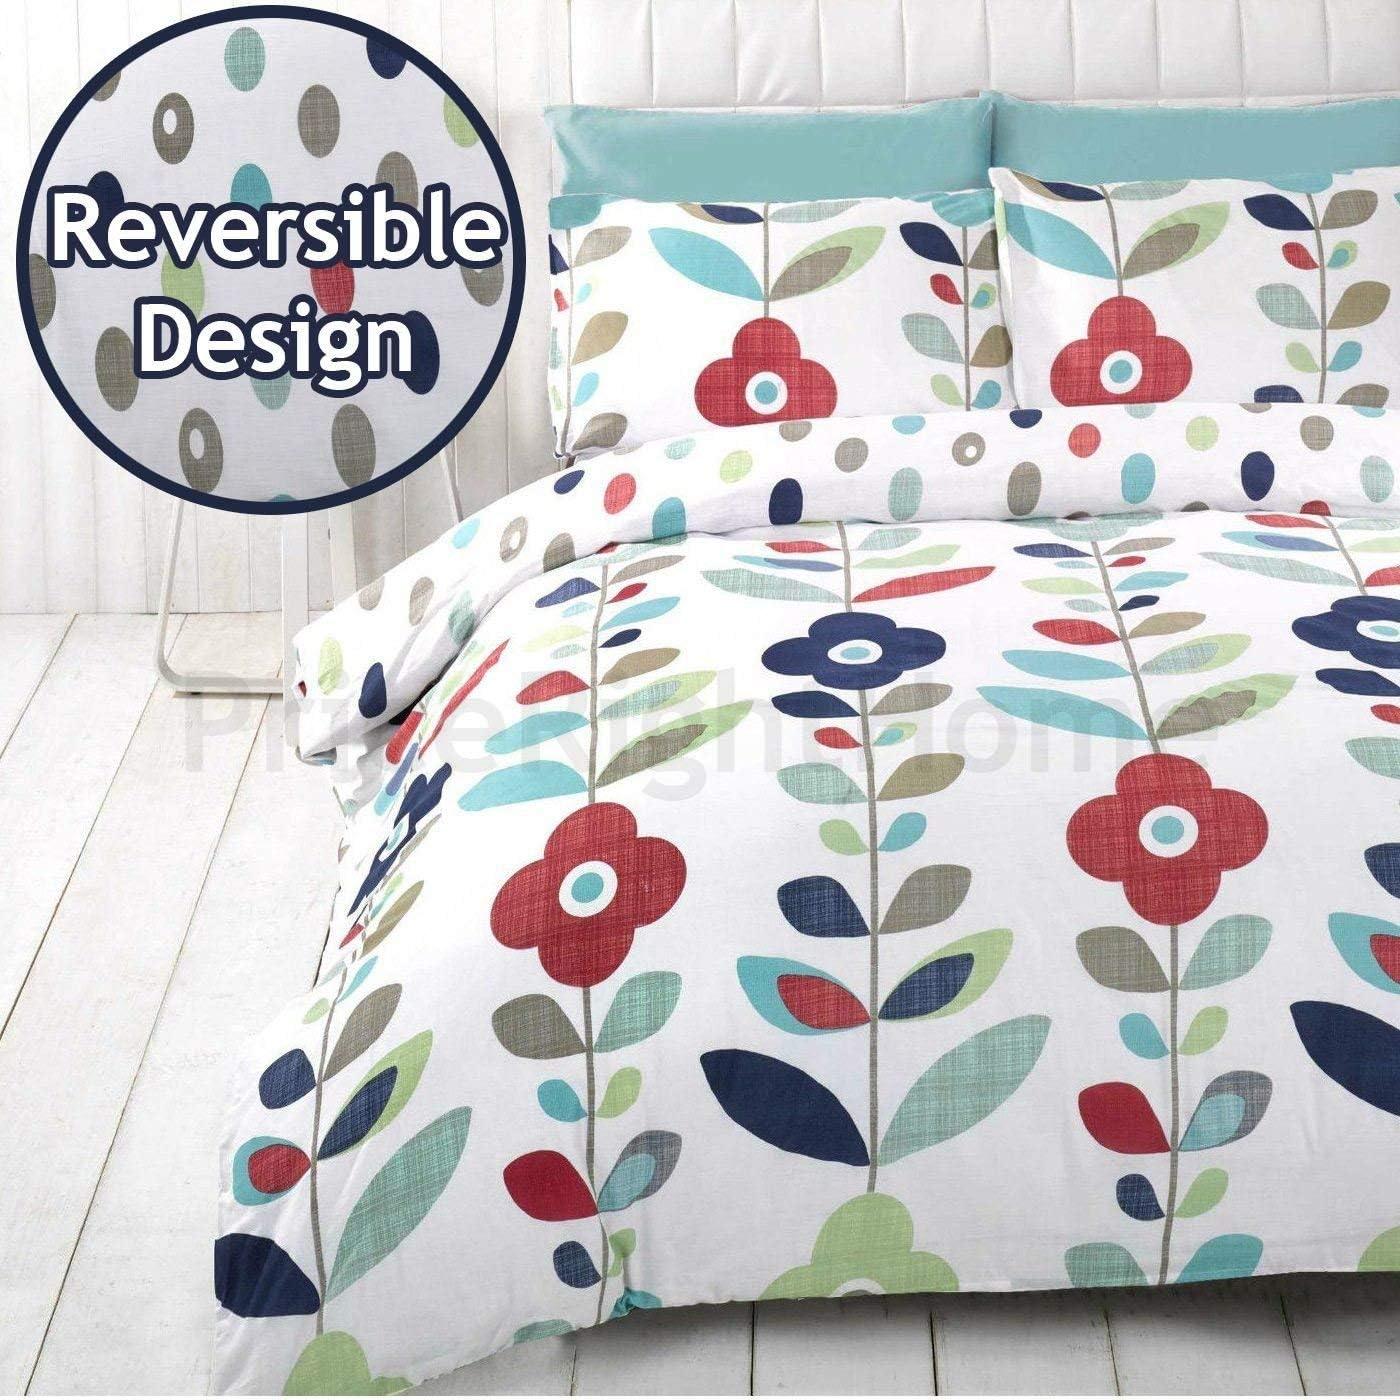 DuvetQuilt Cover + 2 Pillowcase Cotton